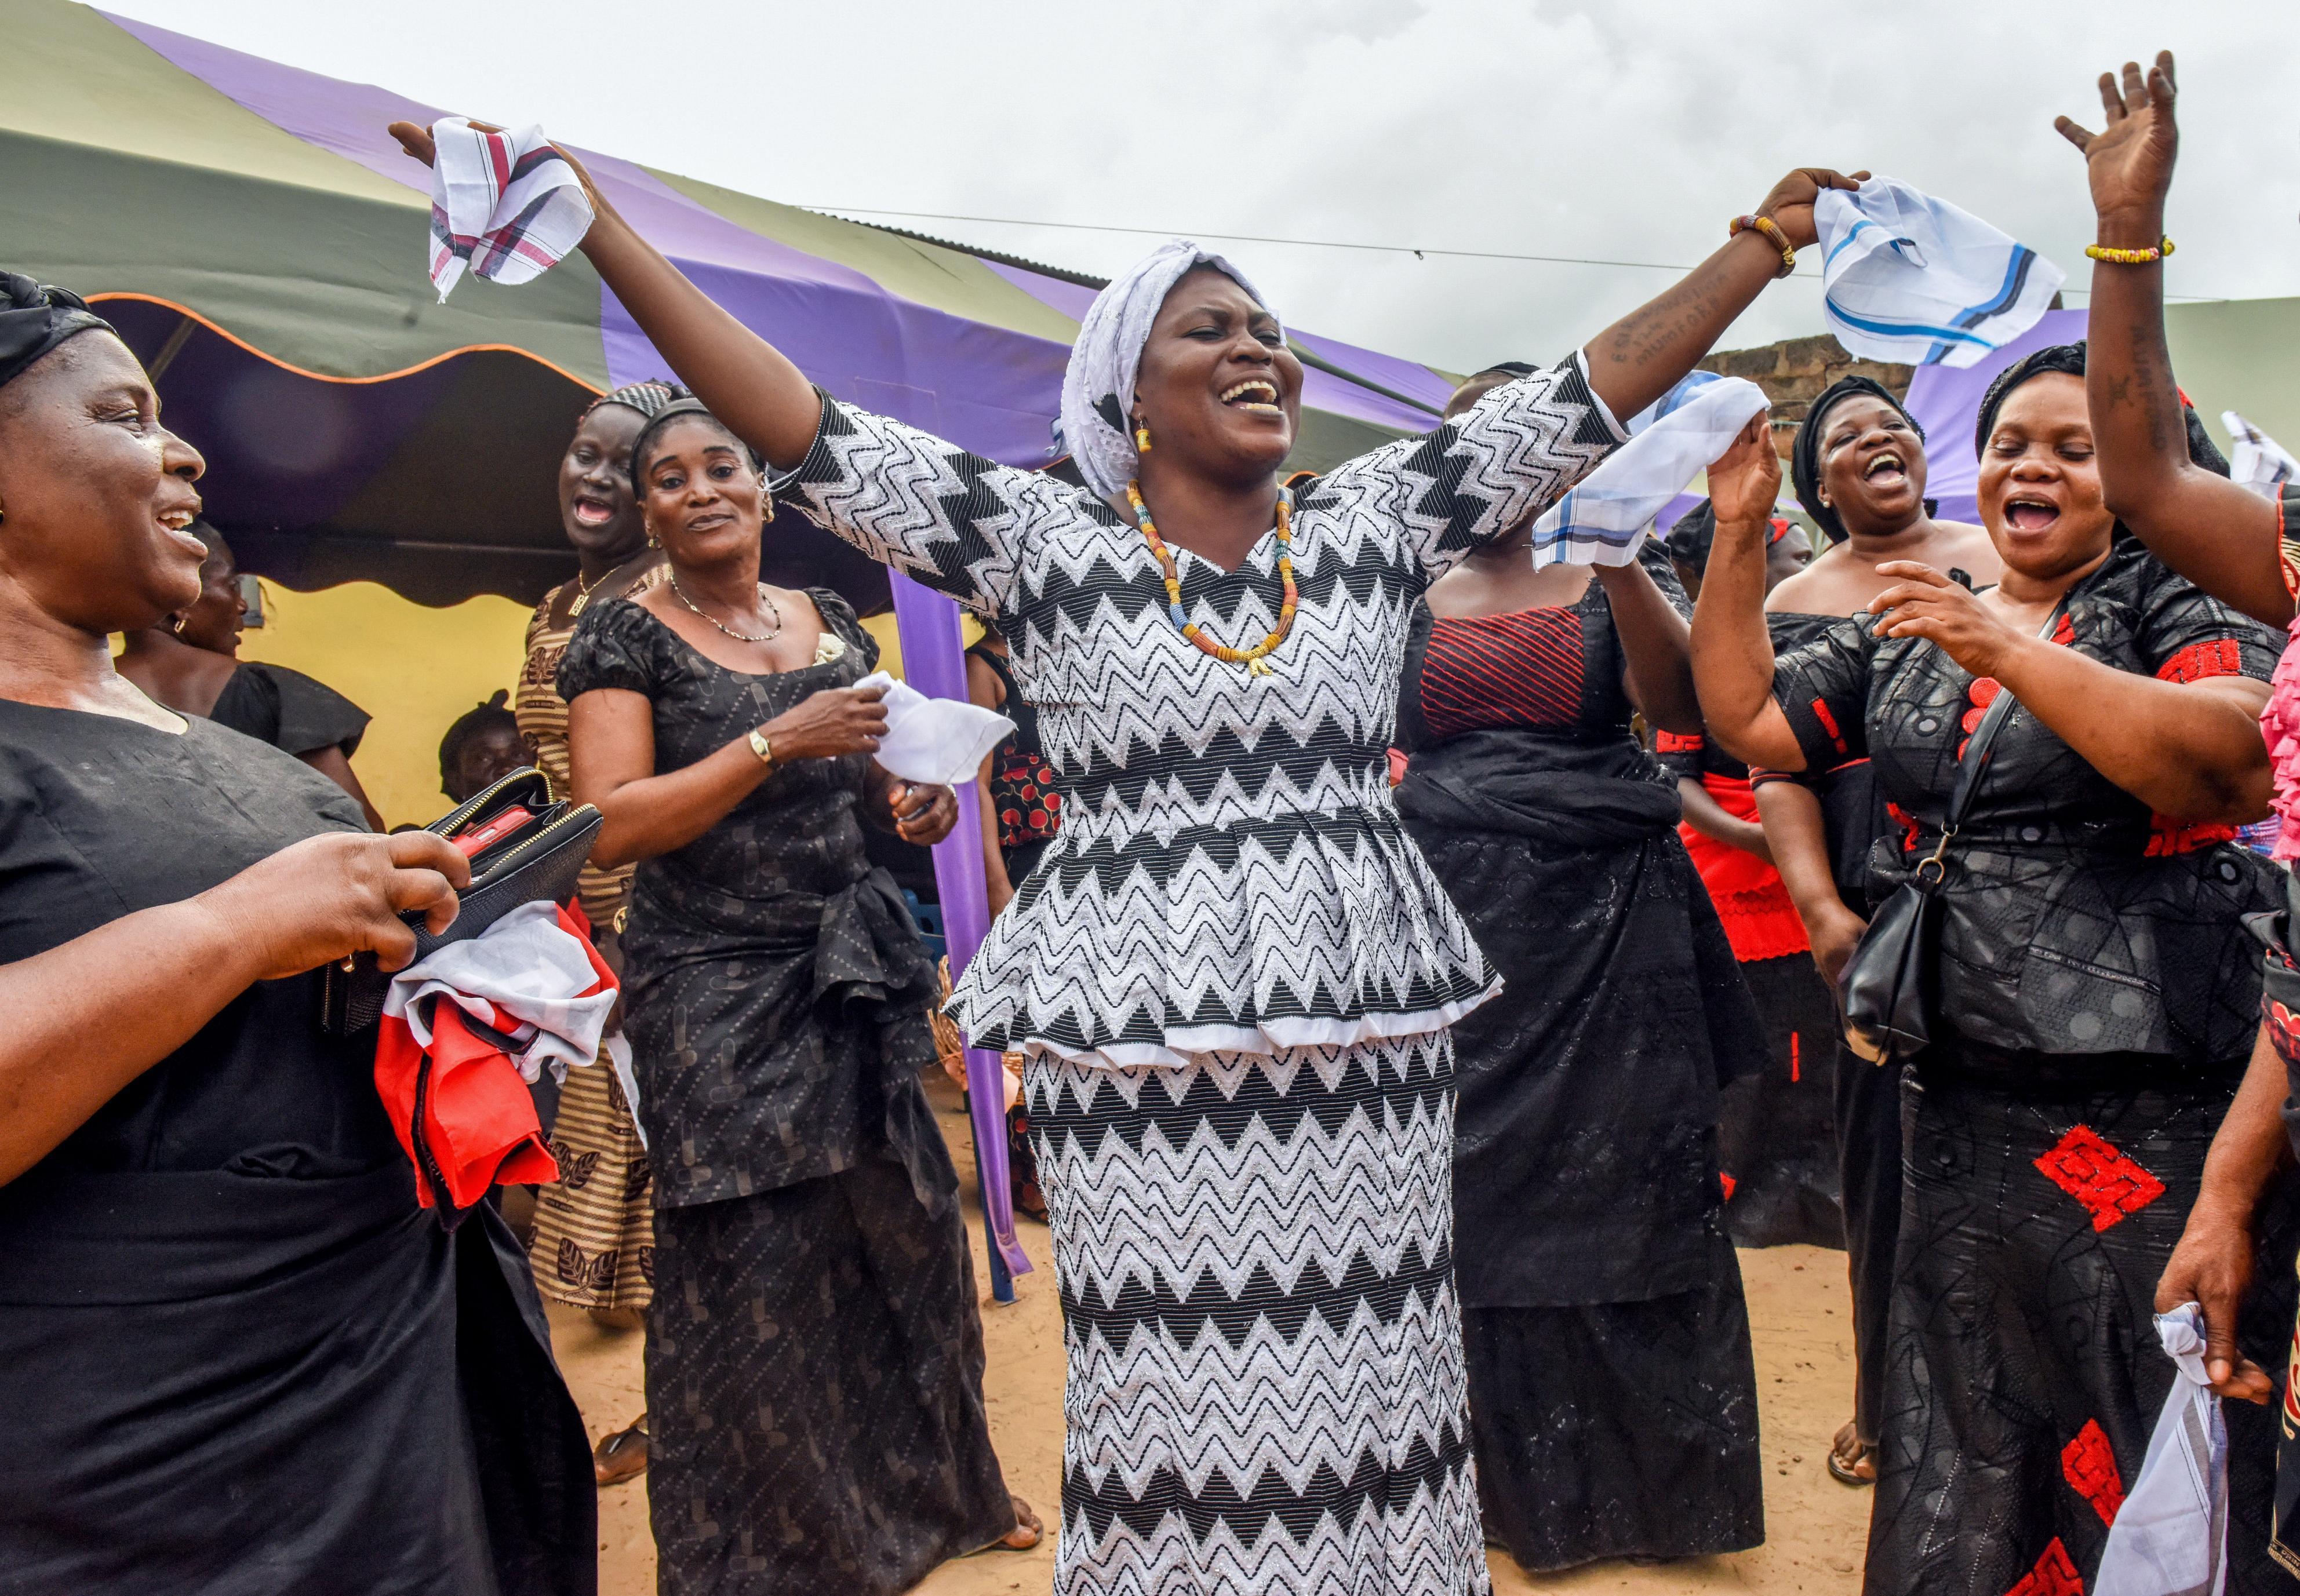 ジョセフの埋葬を終え、音楽に合わせ踊る娘のアイビー(中央)。参列者の笑顔が彼女を元気にした=ガーナ南部マンフォード(撮影・中野智明、共同)